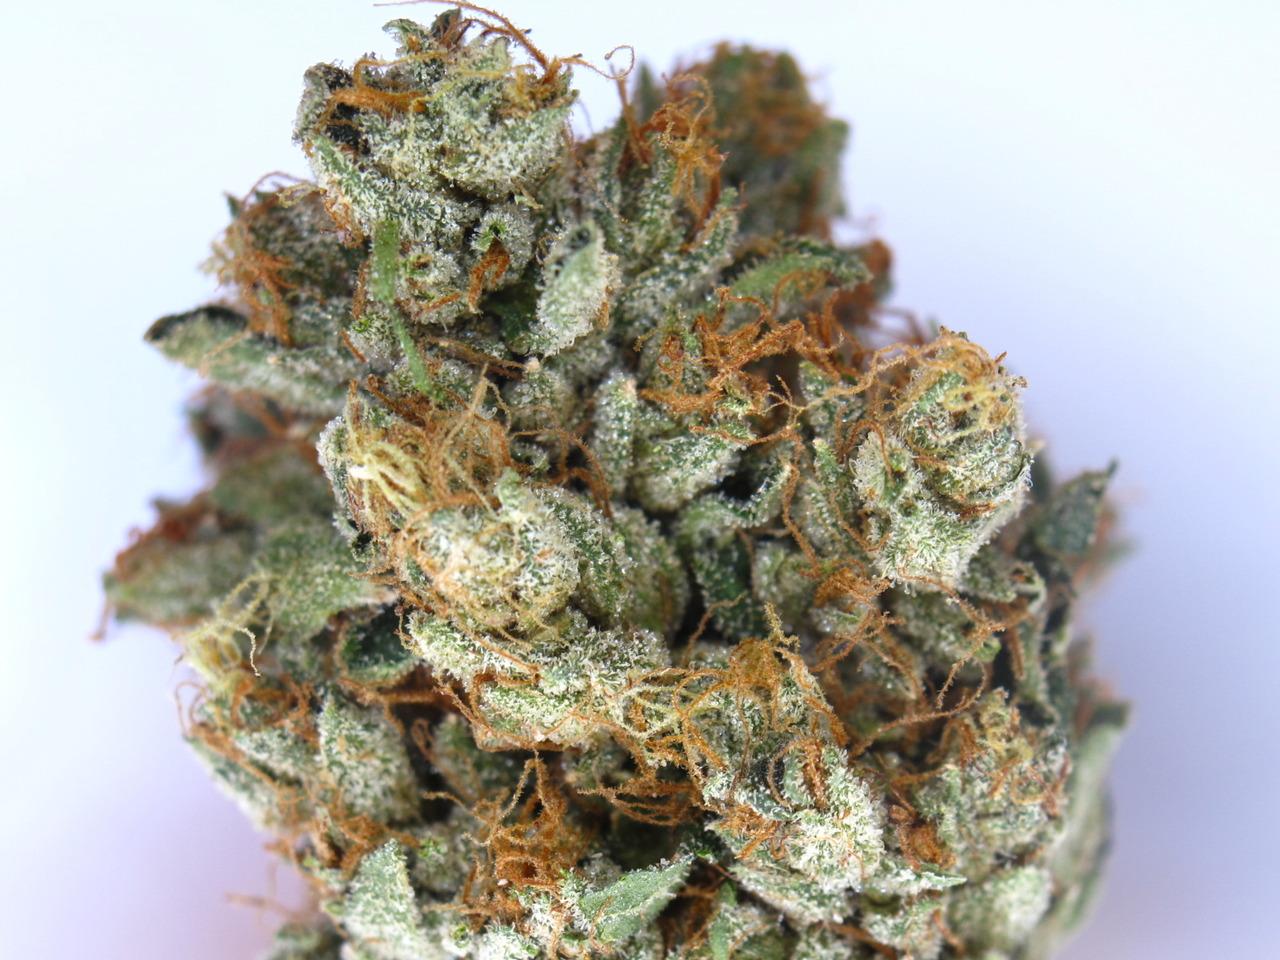 Buy El Diablo OG Weed Online